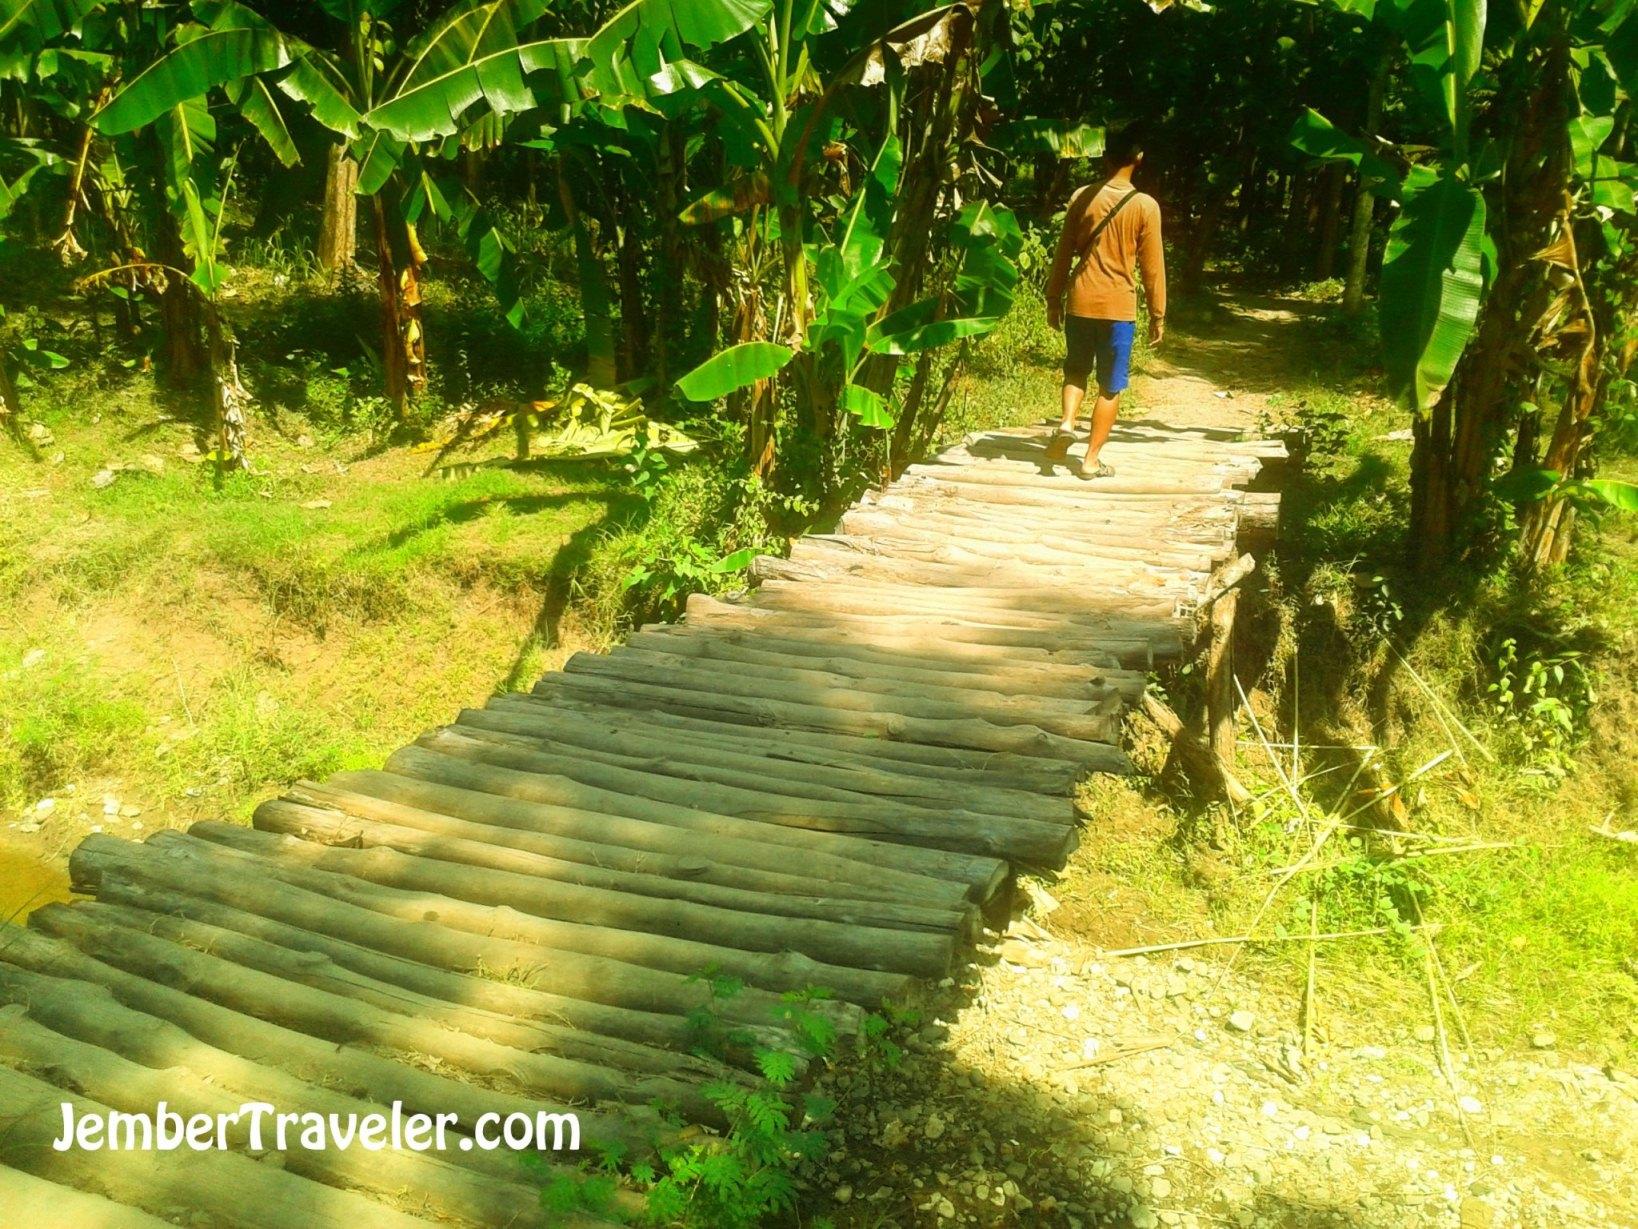 Air Terjun Maelang Jember Traveler Melewati Jembatan Kayu Wisata Alam